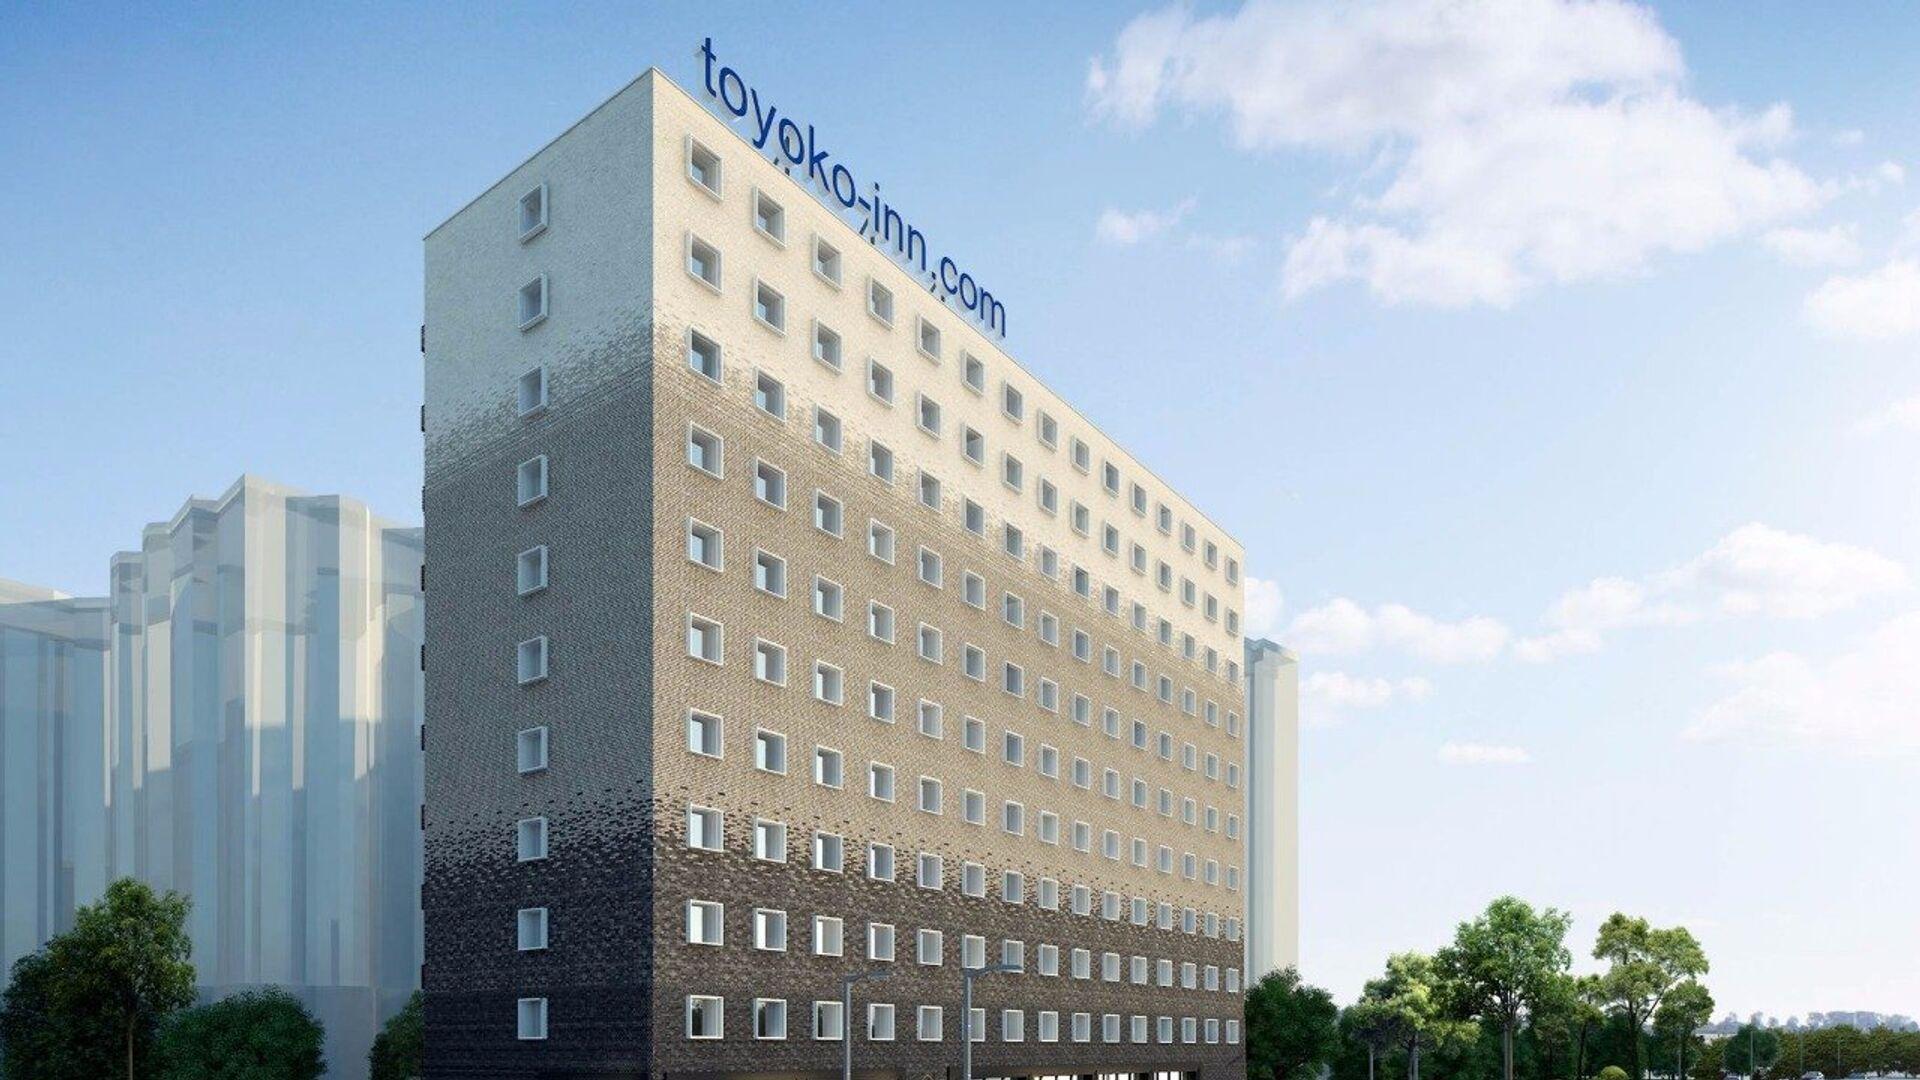 Проект гостиницы Toyoko Inn в 1-м Красносельском переулке в центре Москвы - РИА Новости, 1920, 13.08.2021